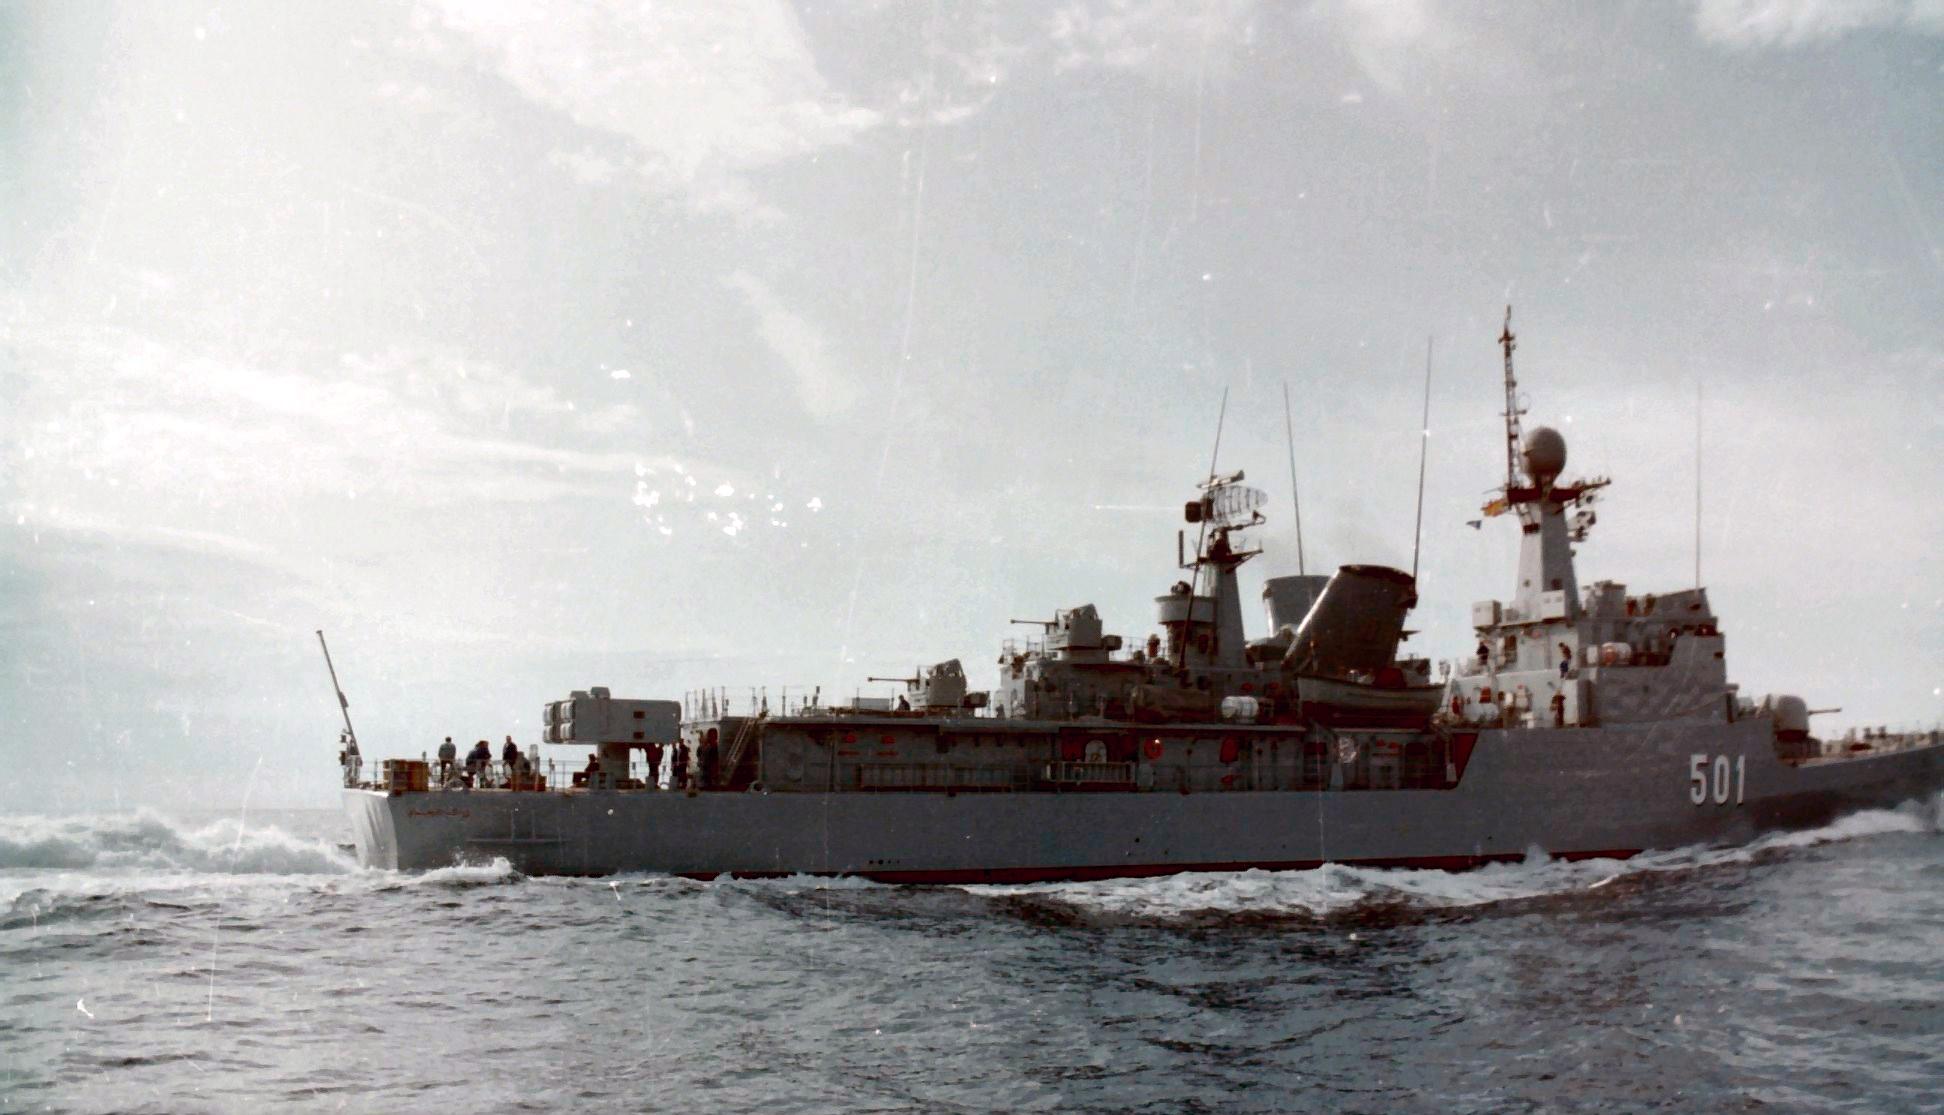 Royal Moroccan Navy Descubierta Frigate / Corvette Lt Cl Errahmani - Bâtiment École - Page 4 Clipb510